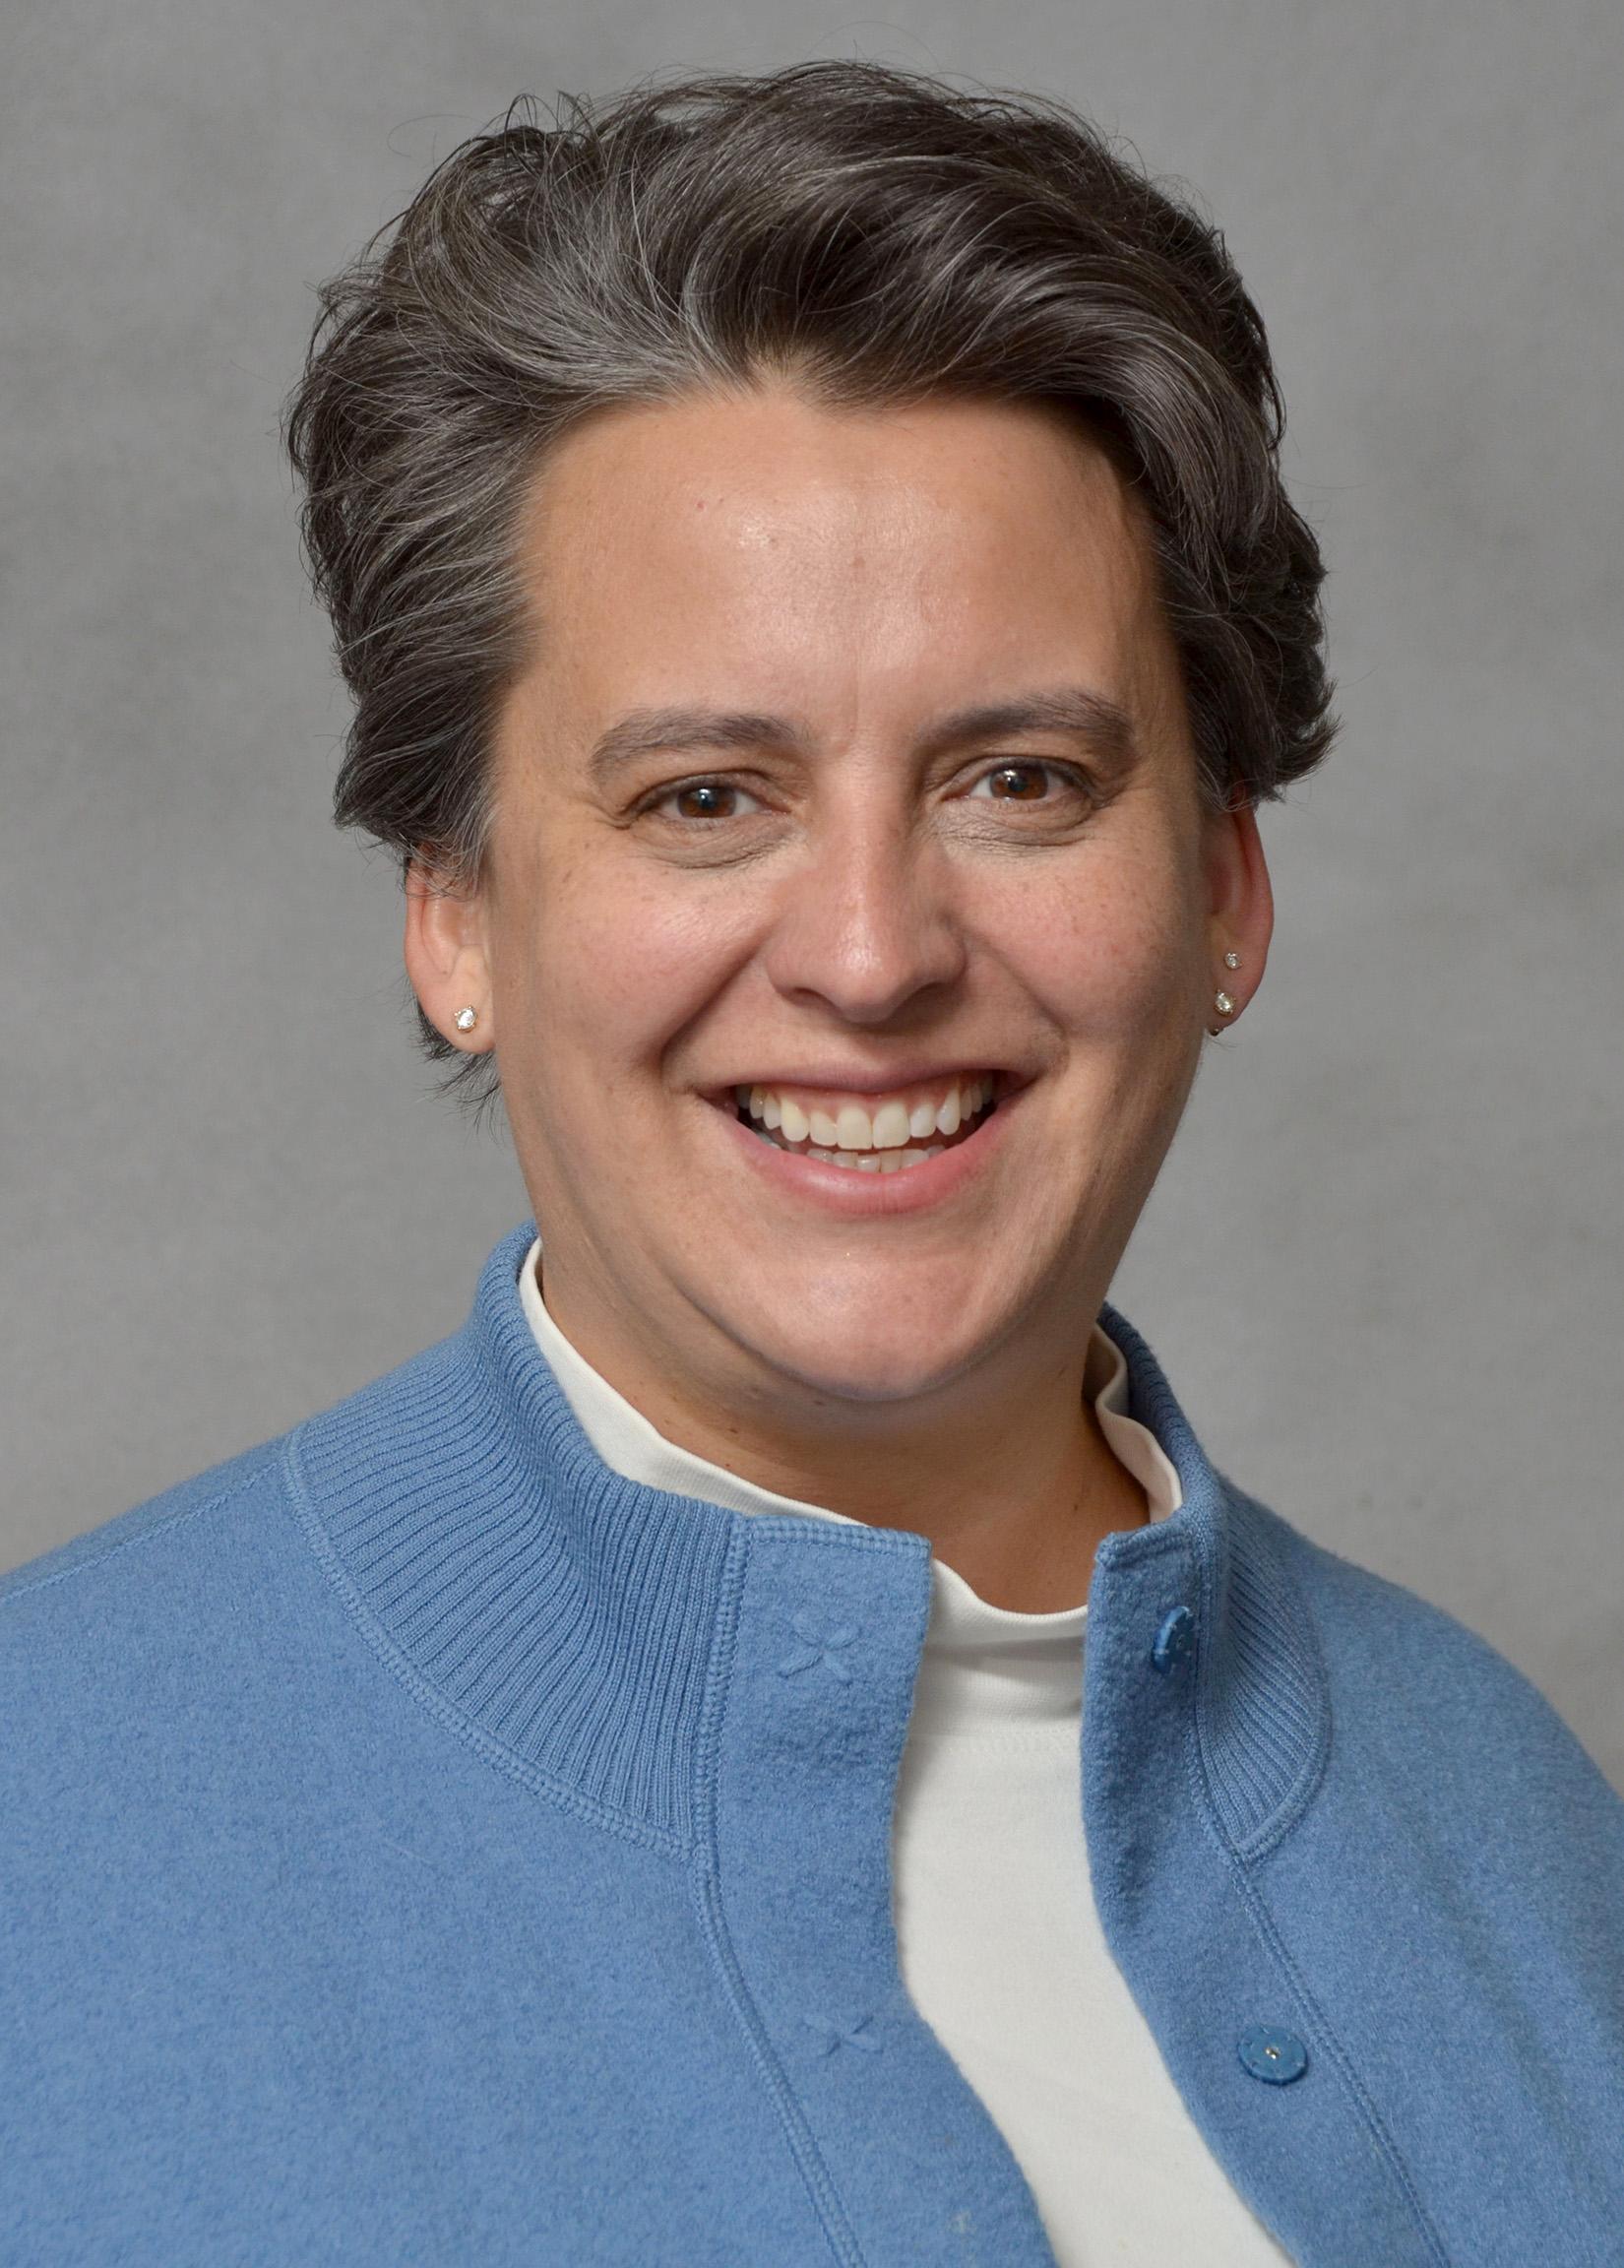 Melissa Brunsvold, MD, FACS